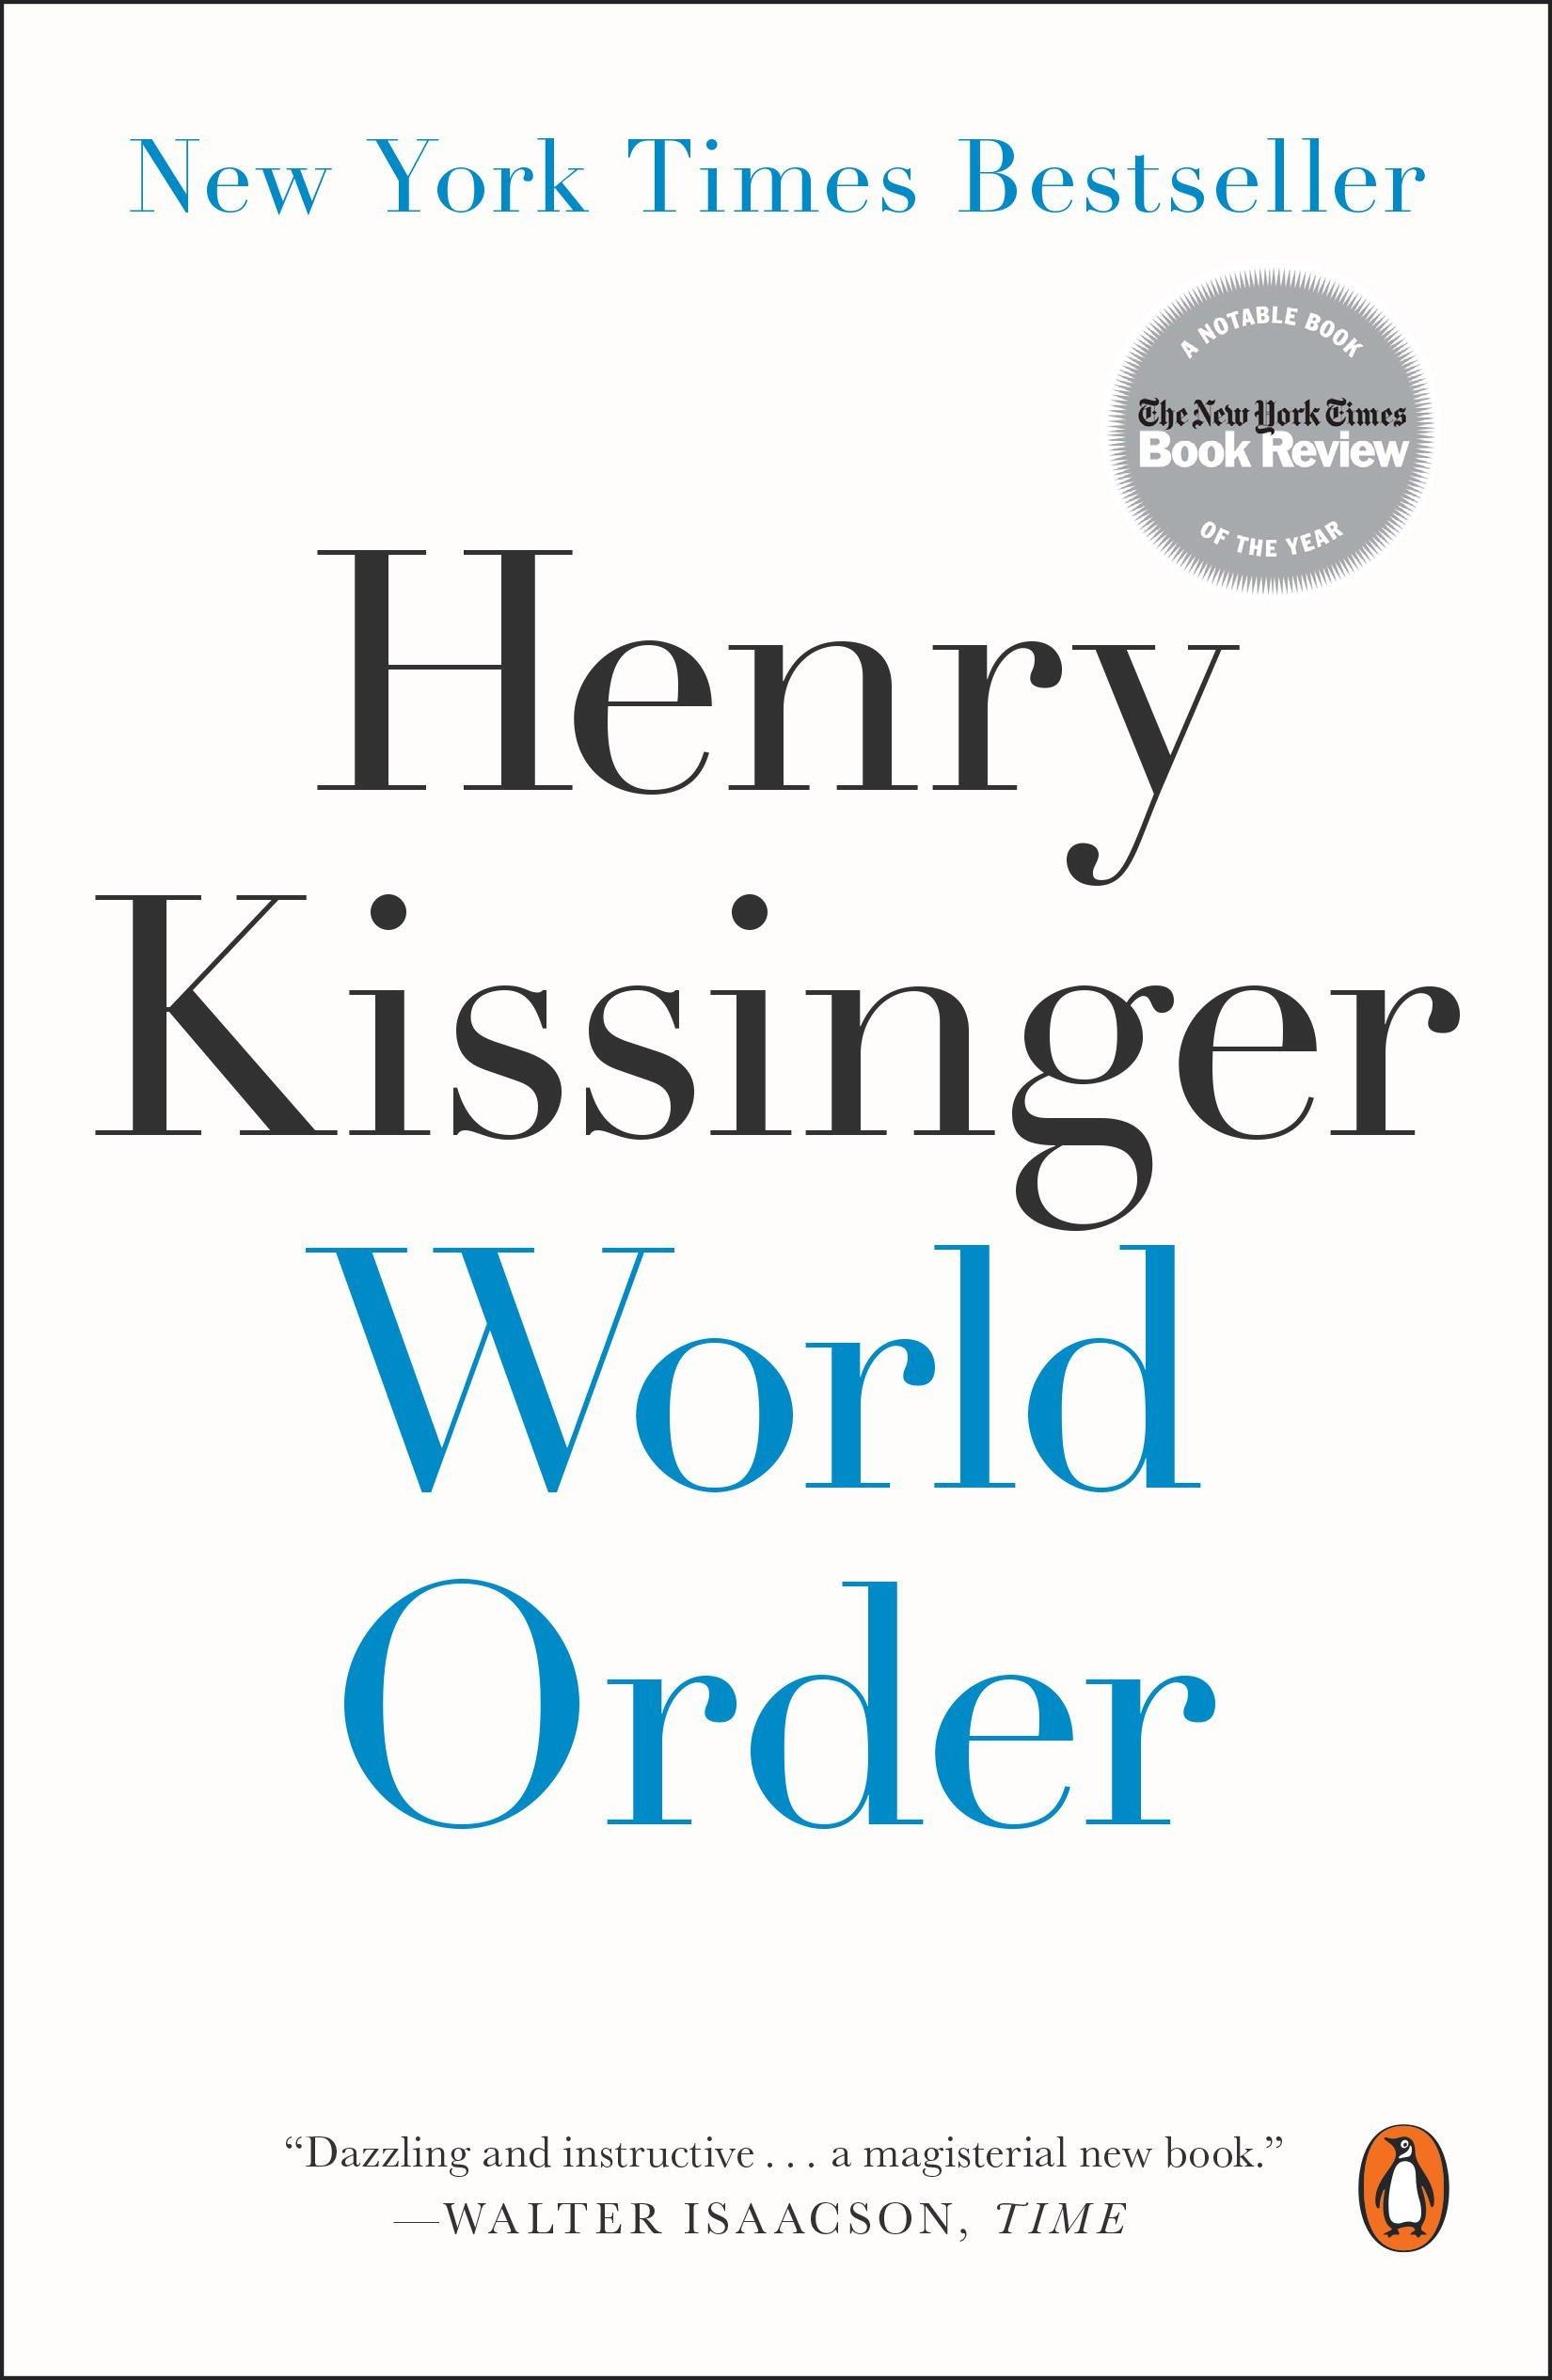 مارک زاکربرگ از همه خواست تا کتاب نظم جهانی هنری کیسینجر را بخوانند